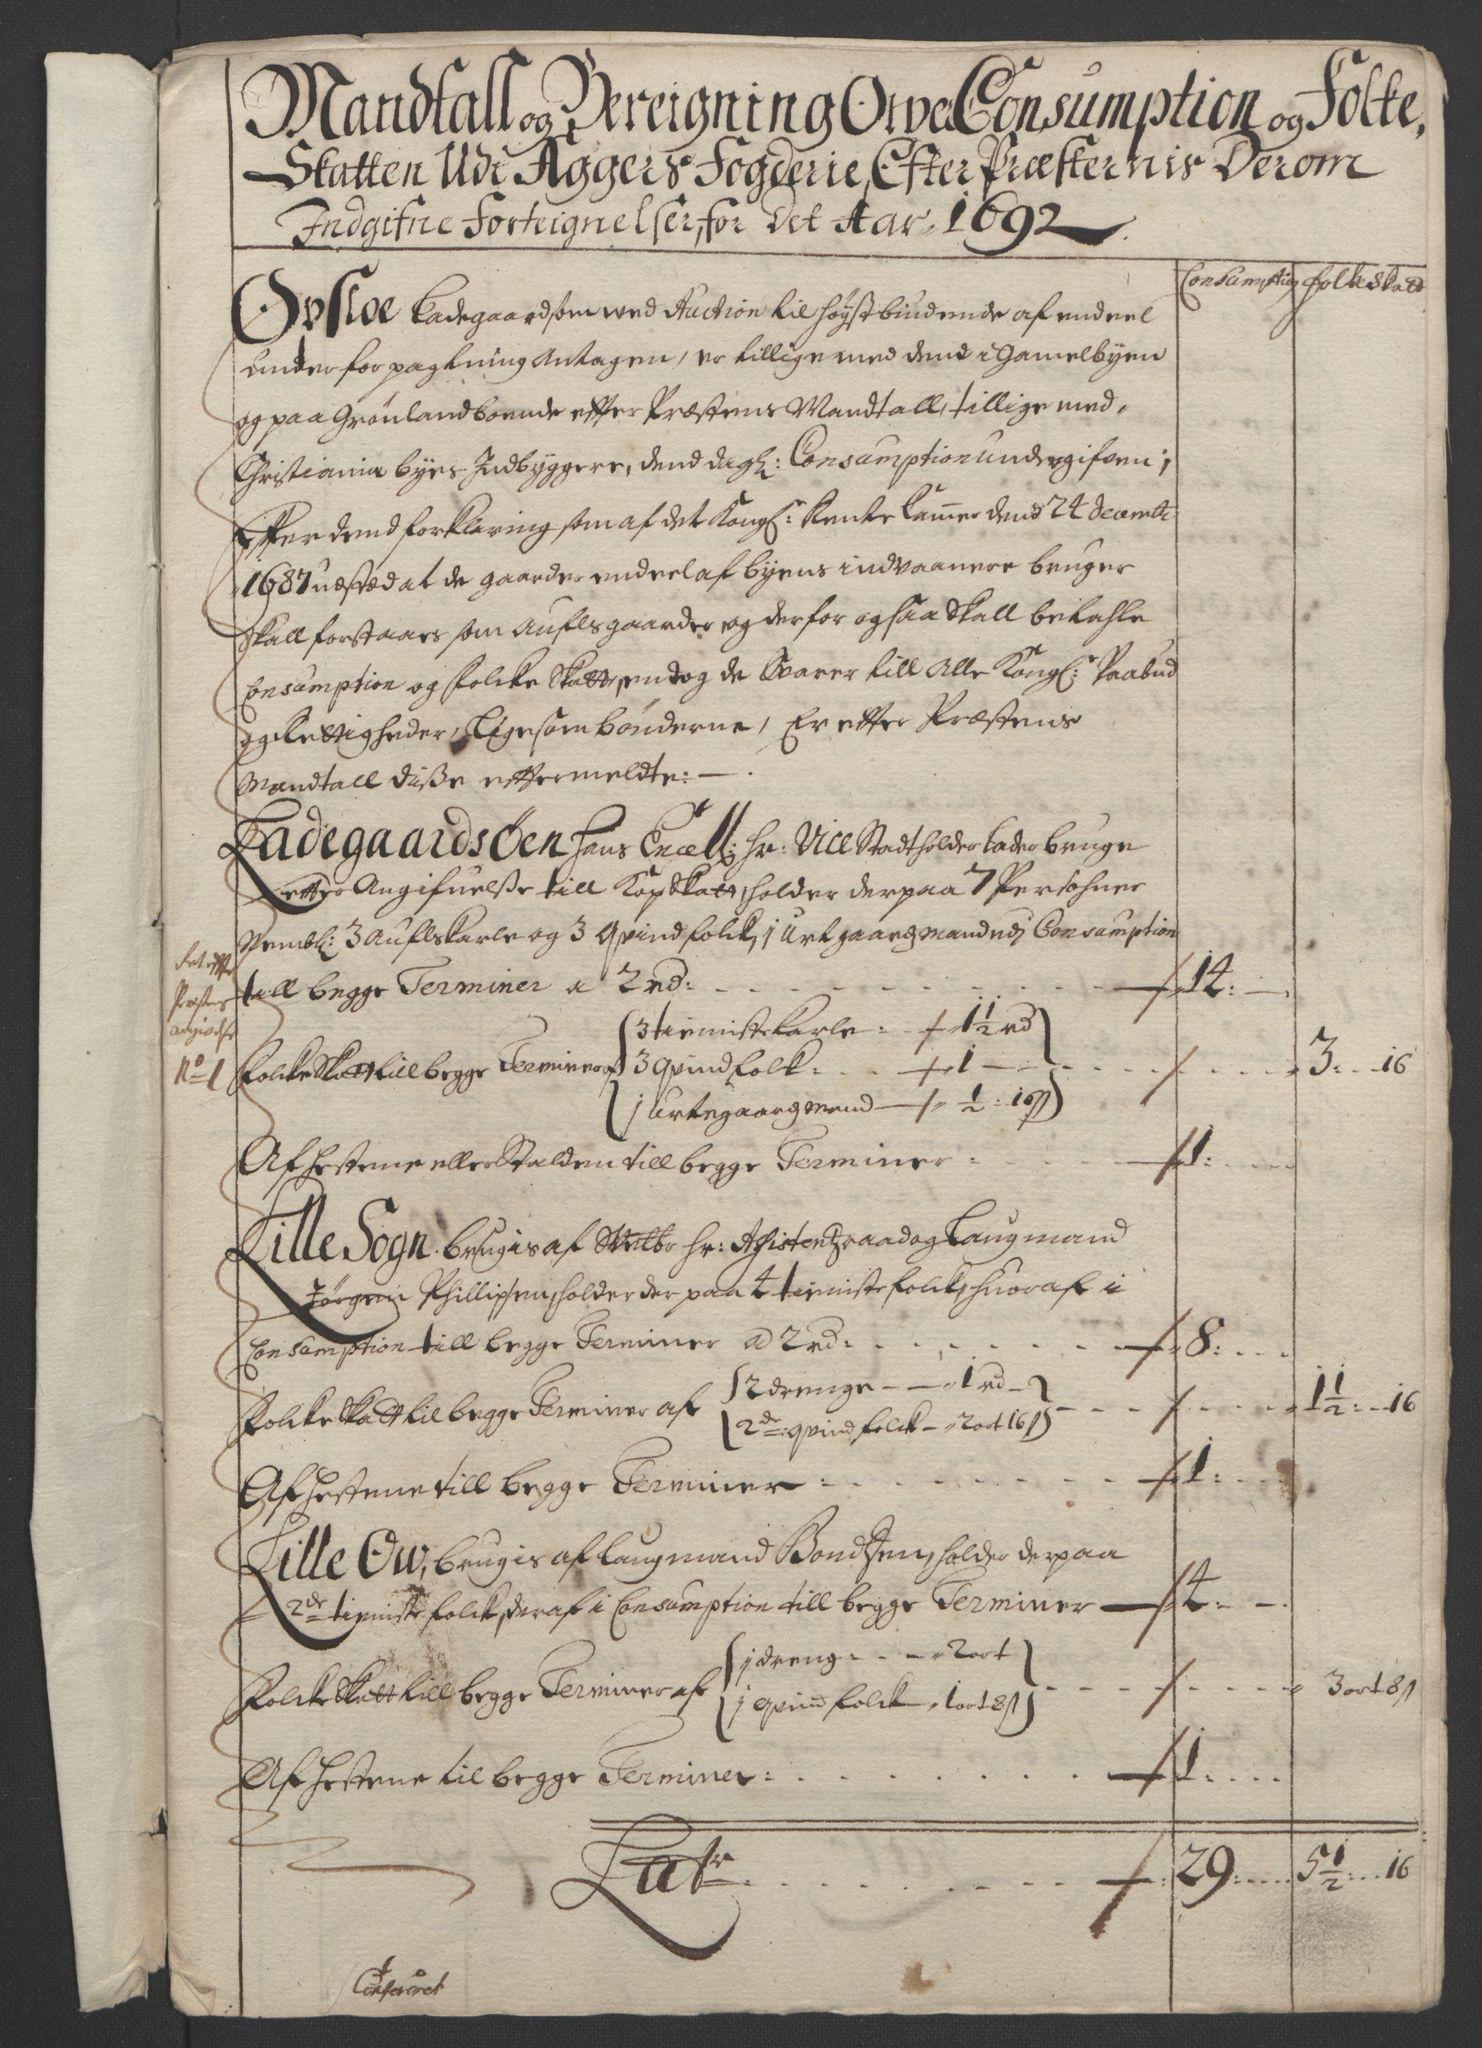 RA, Rentekammeret inntil 1814, Reviderte regnskaper, Fogderegnskap, R08/L0426: Fogderegnskap Aker, 1692-1693, s. 109